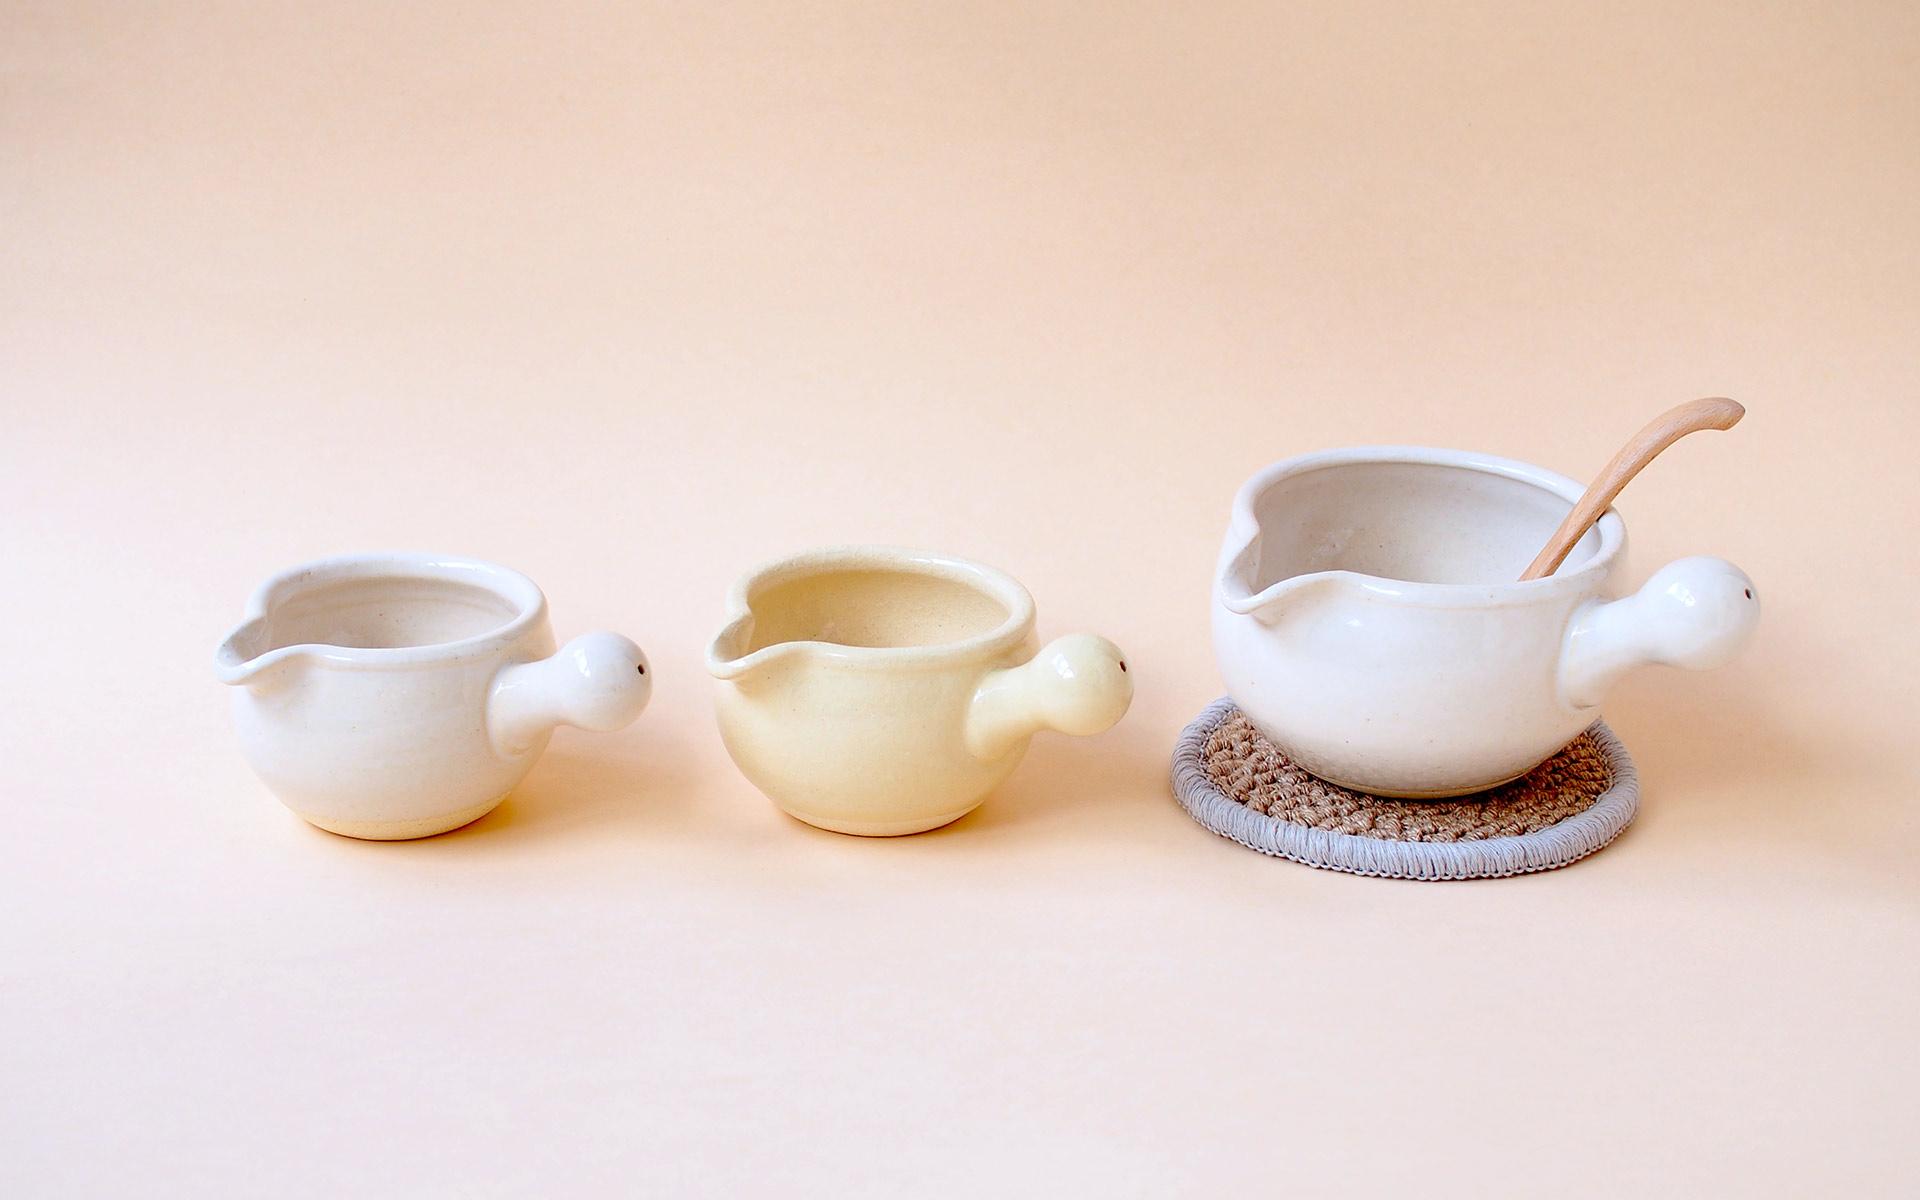 かつては琵琶湖の底だった、伊賀の土でつくった土鍋